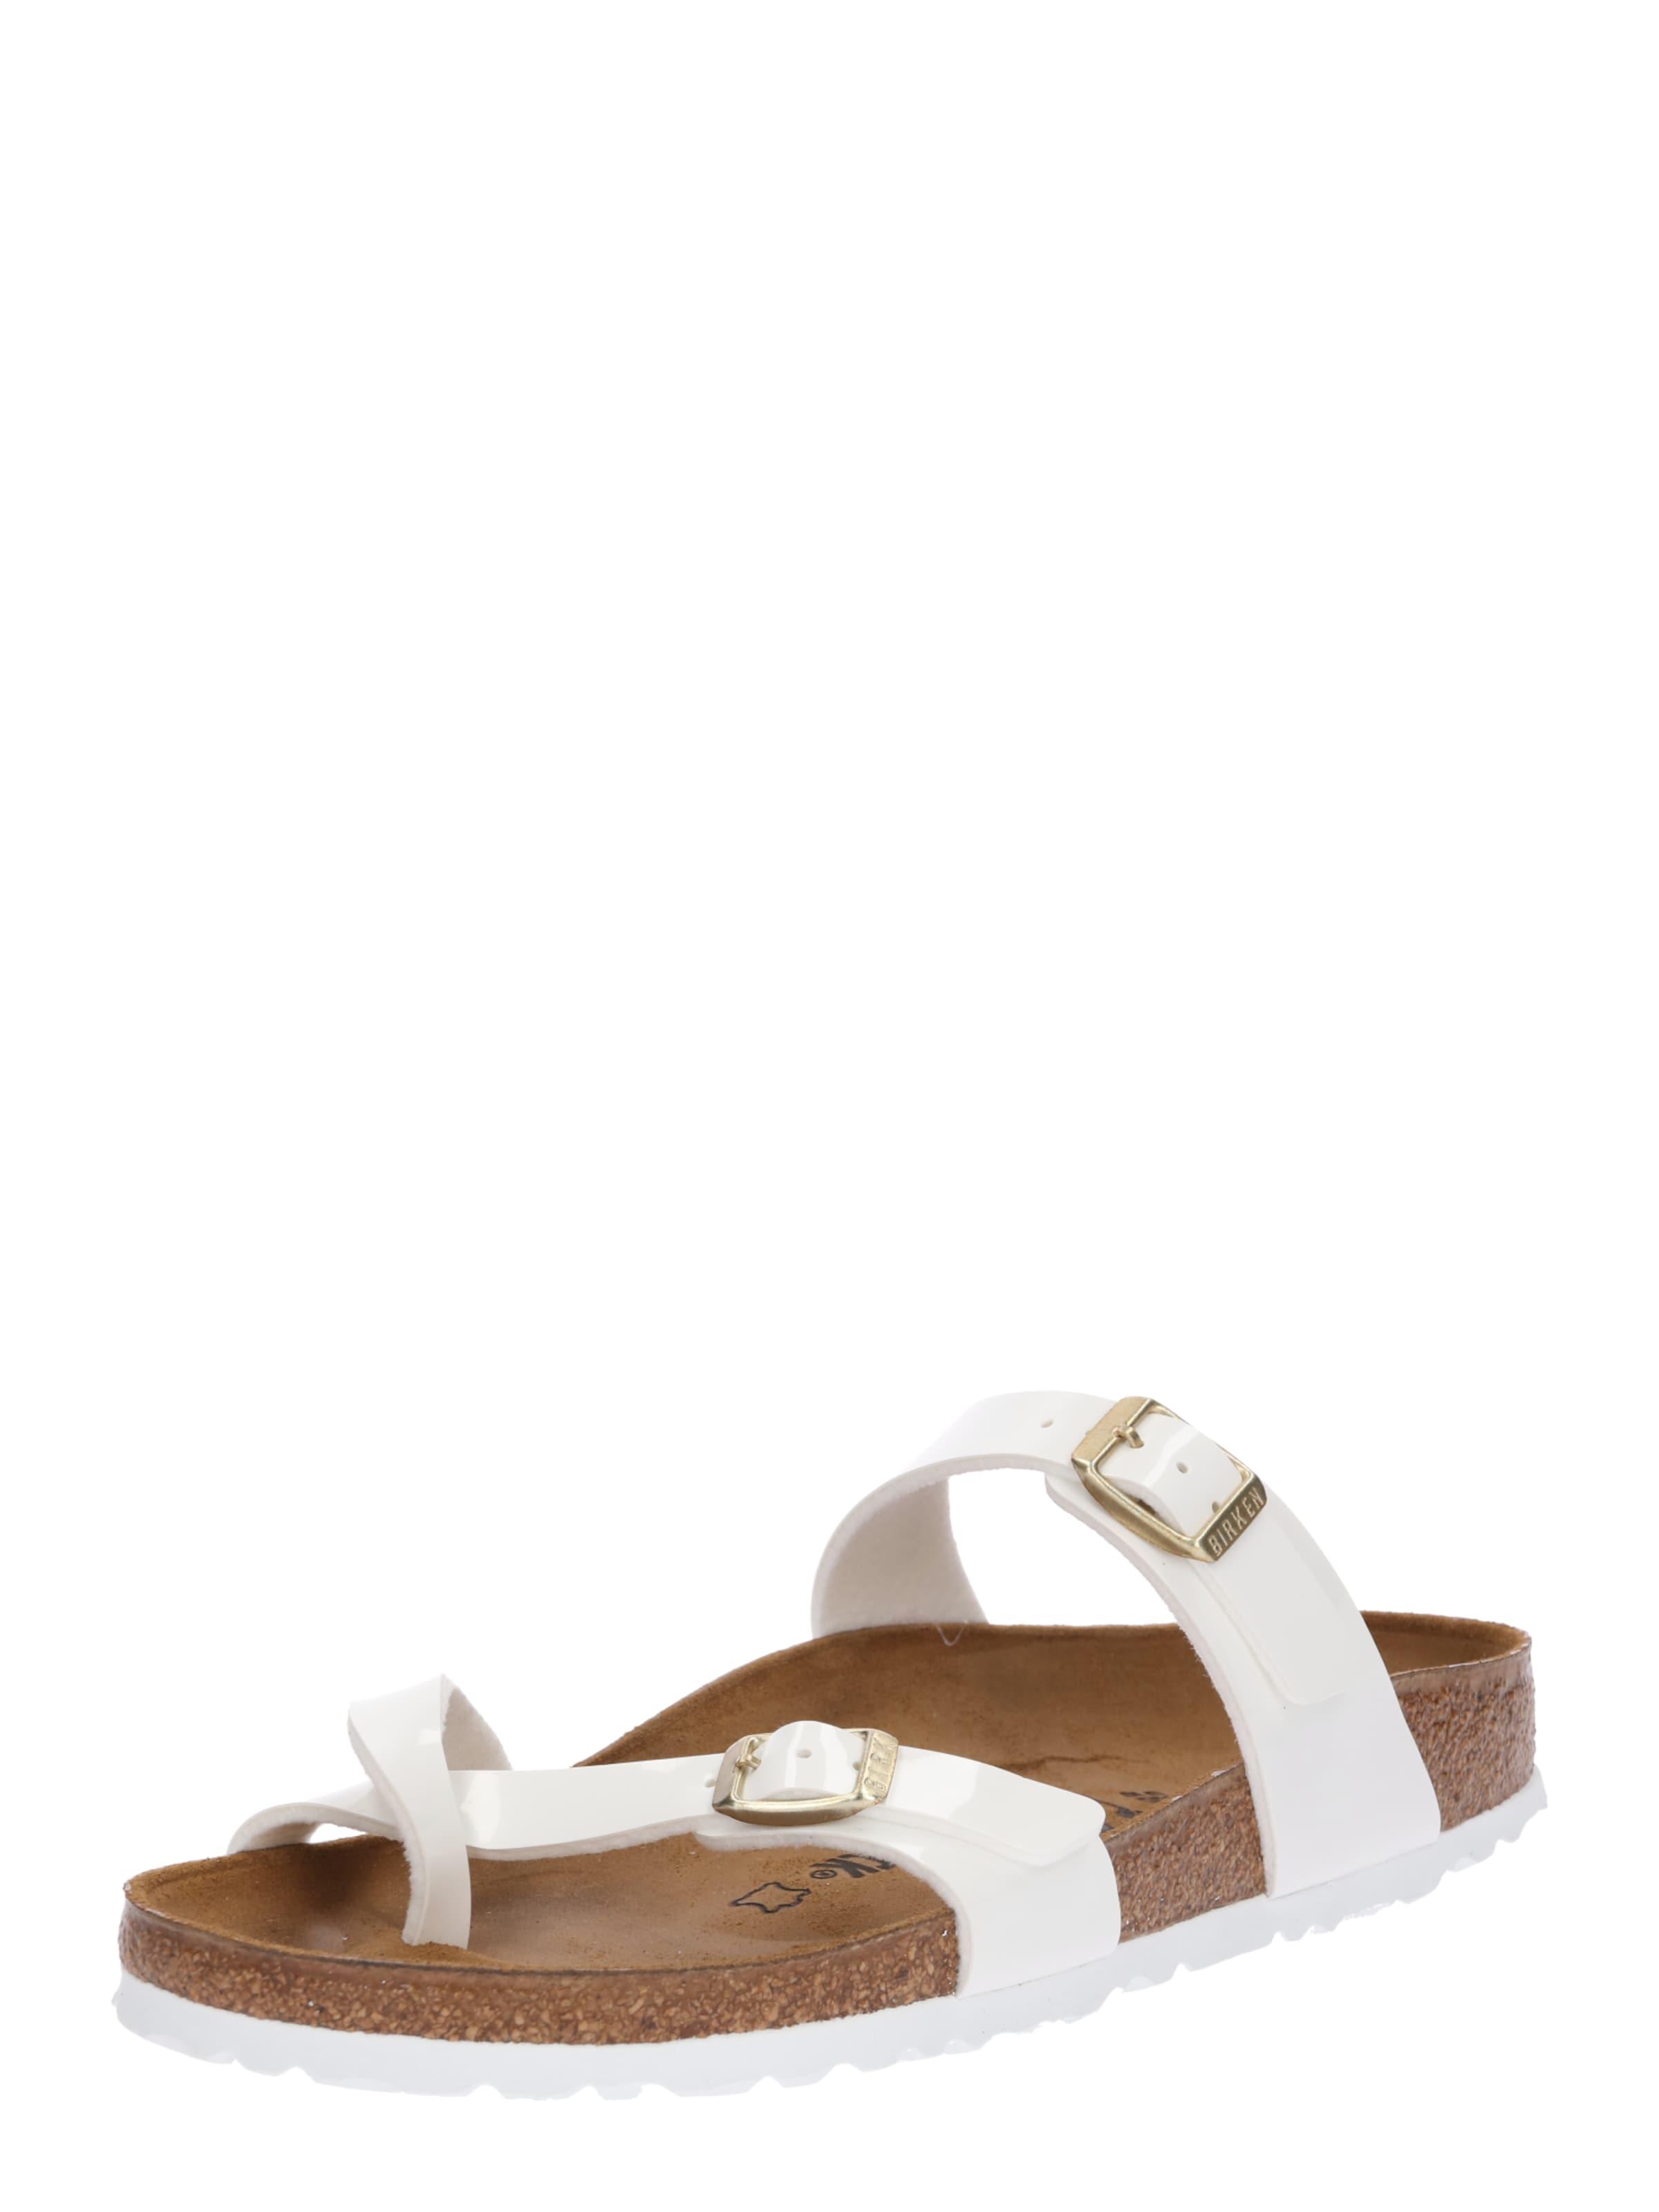 BIRKENSTOCK Sandale Mayari Verschleißfeste billige Schuhe